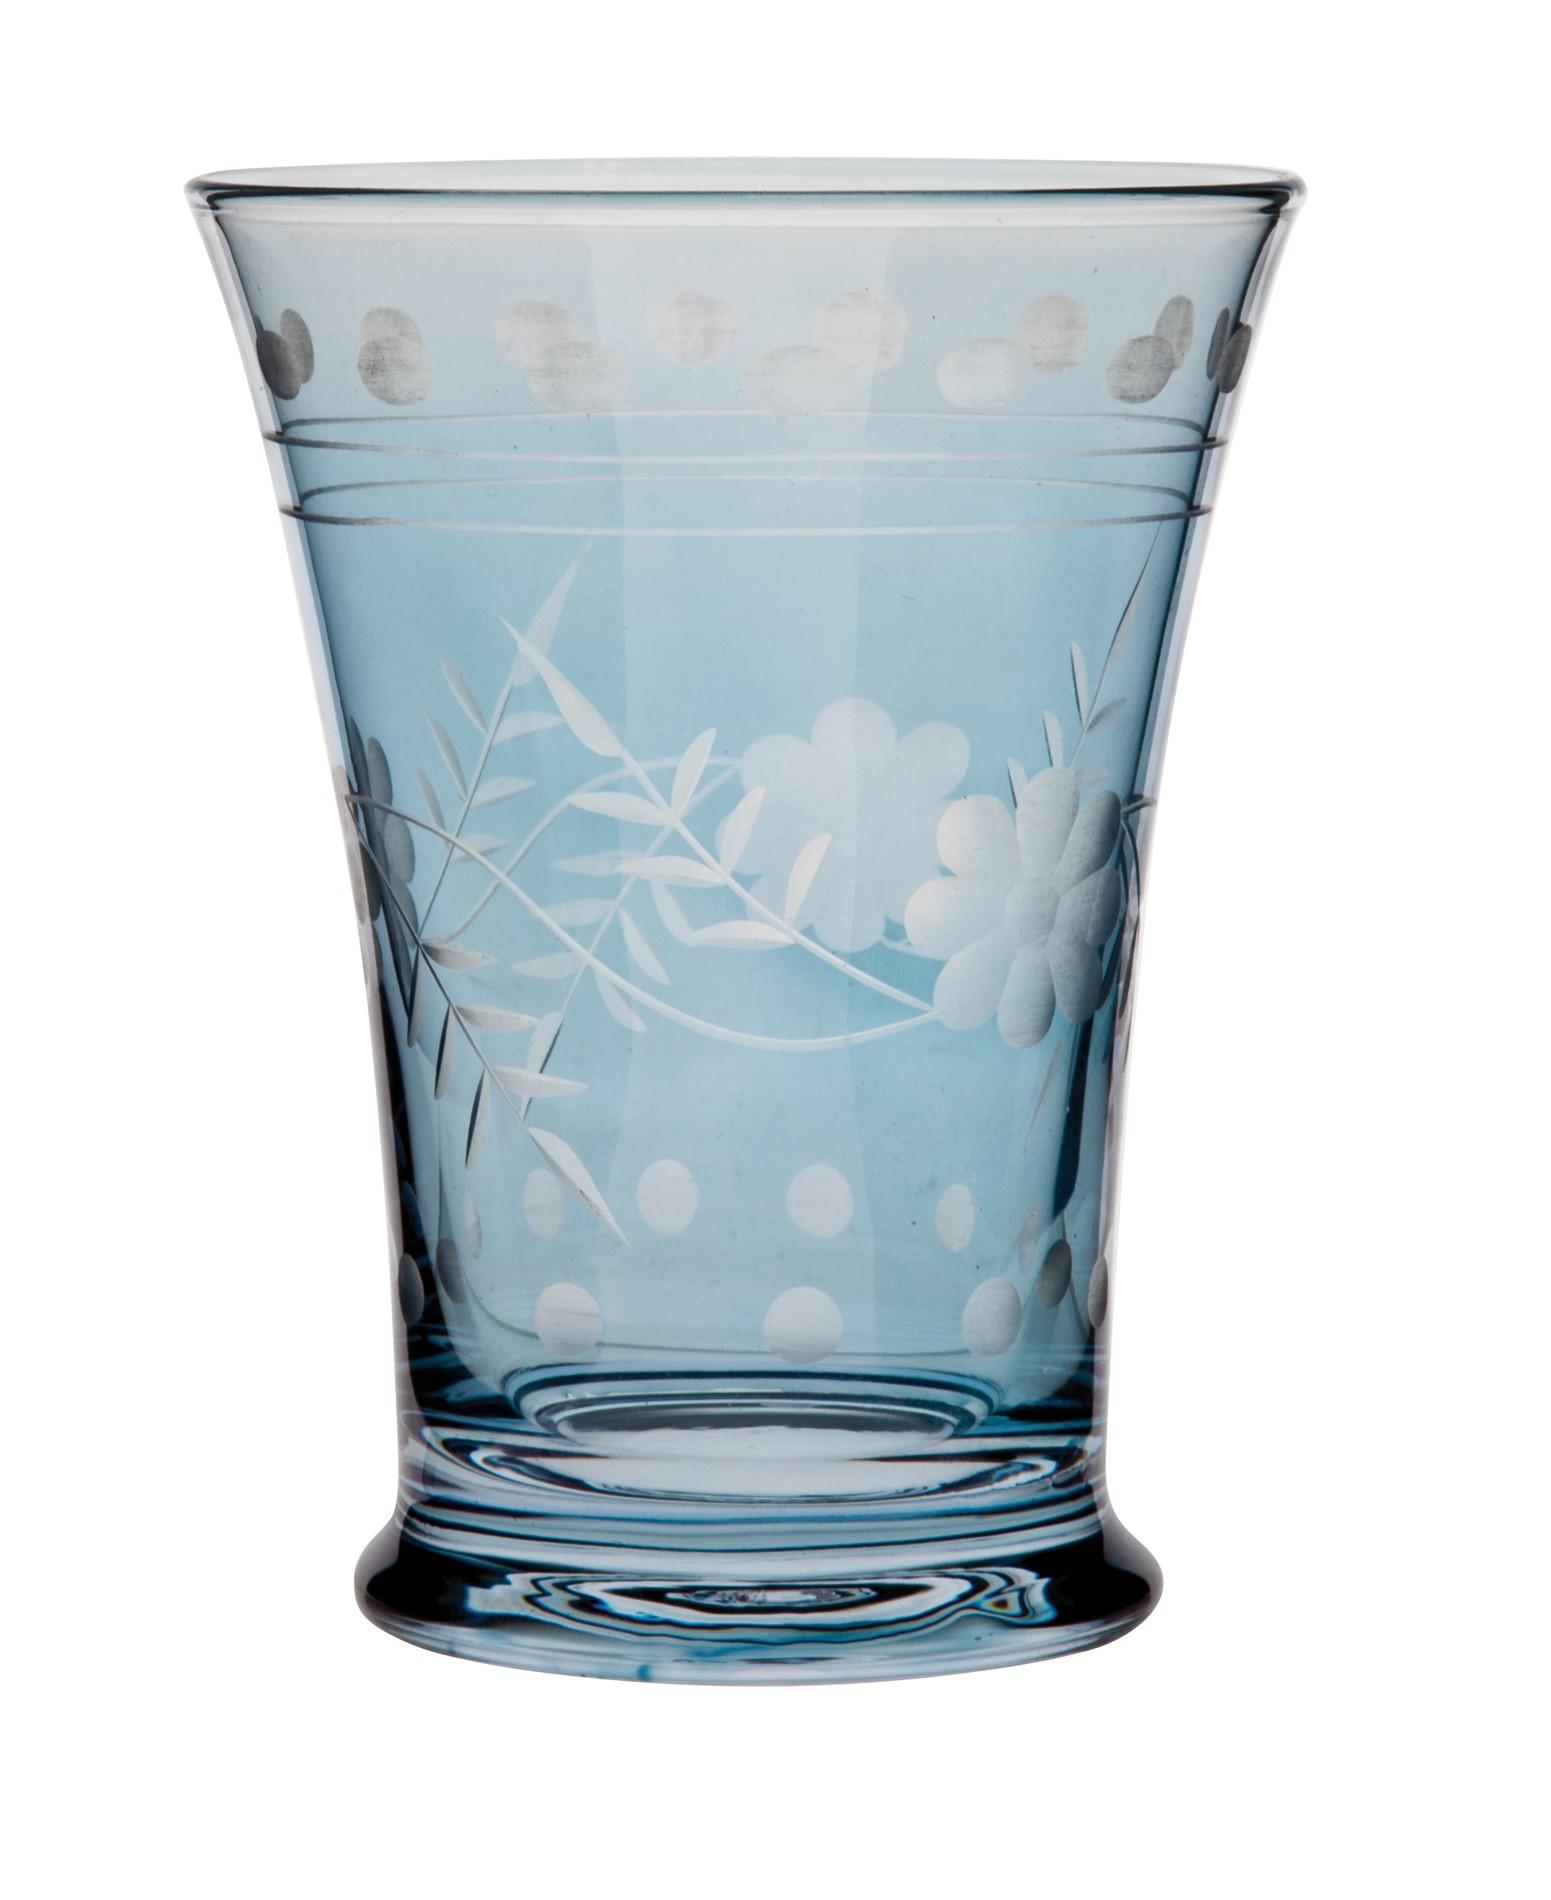 Ποτήρι Κρασιού Shine Σετ 6Τμχ Μπλε 200ml Ionia home   ειδη σερβιρισματος   ποτήρια